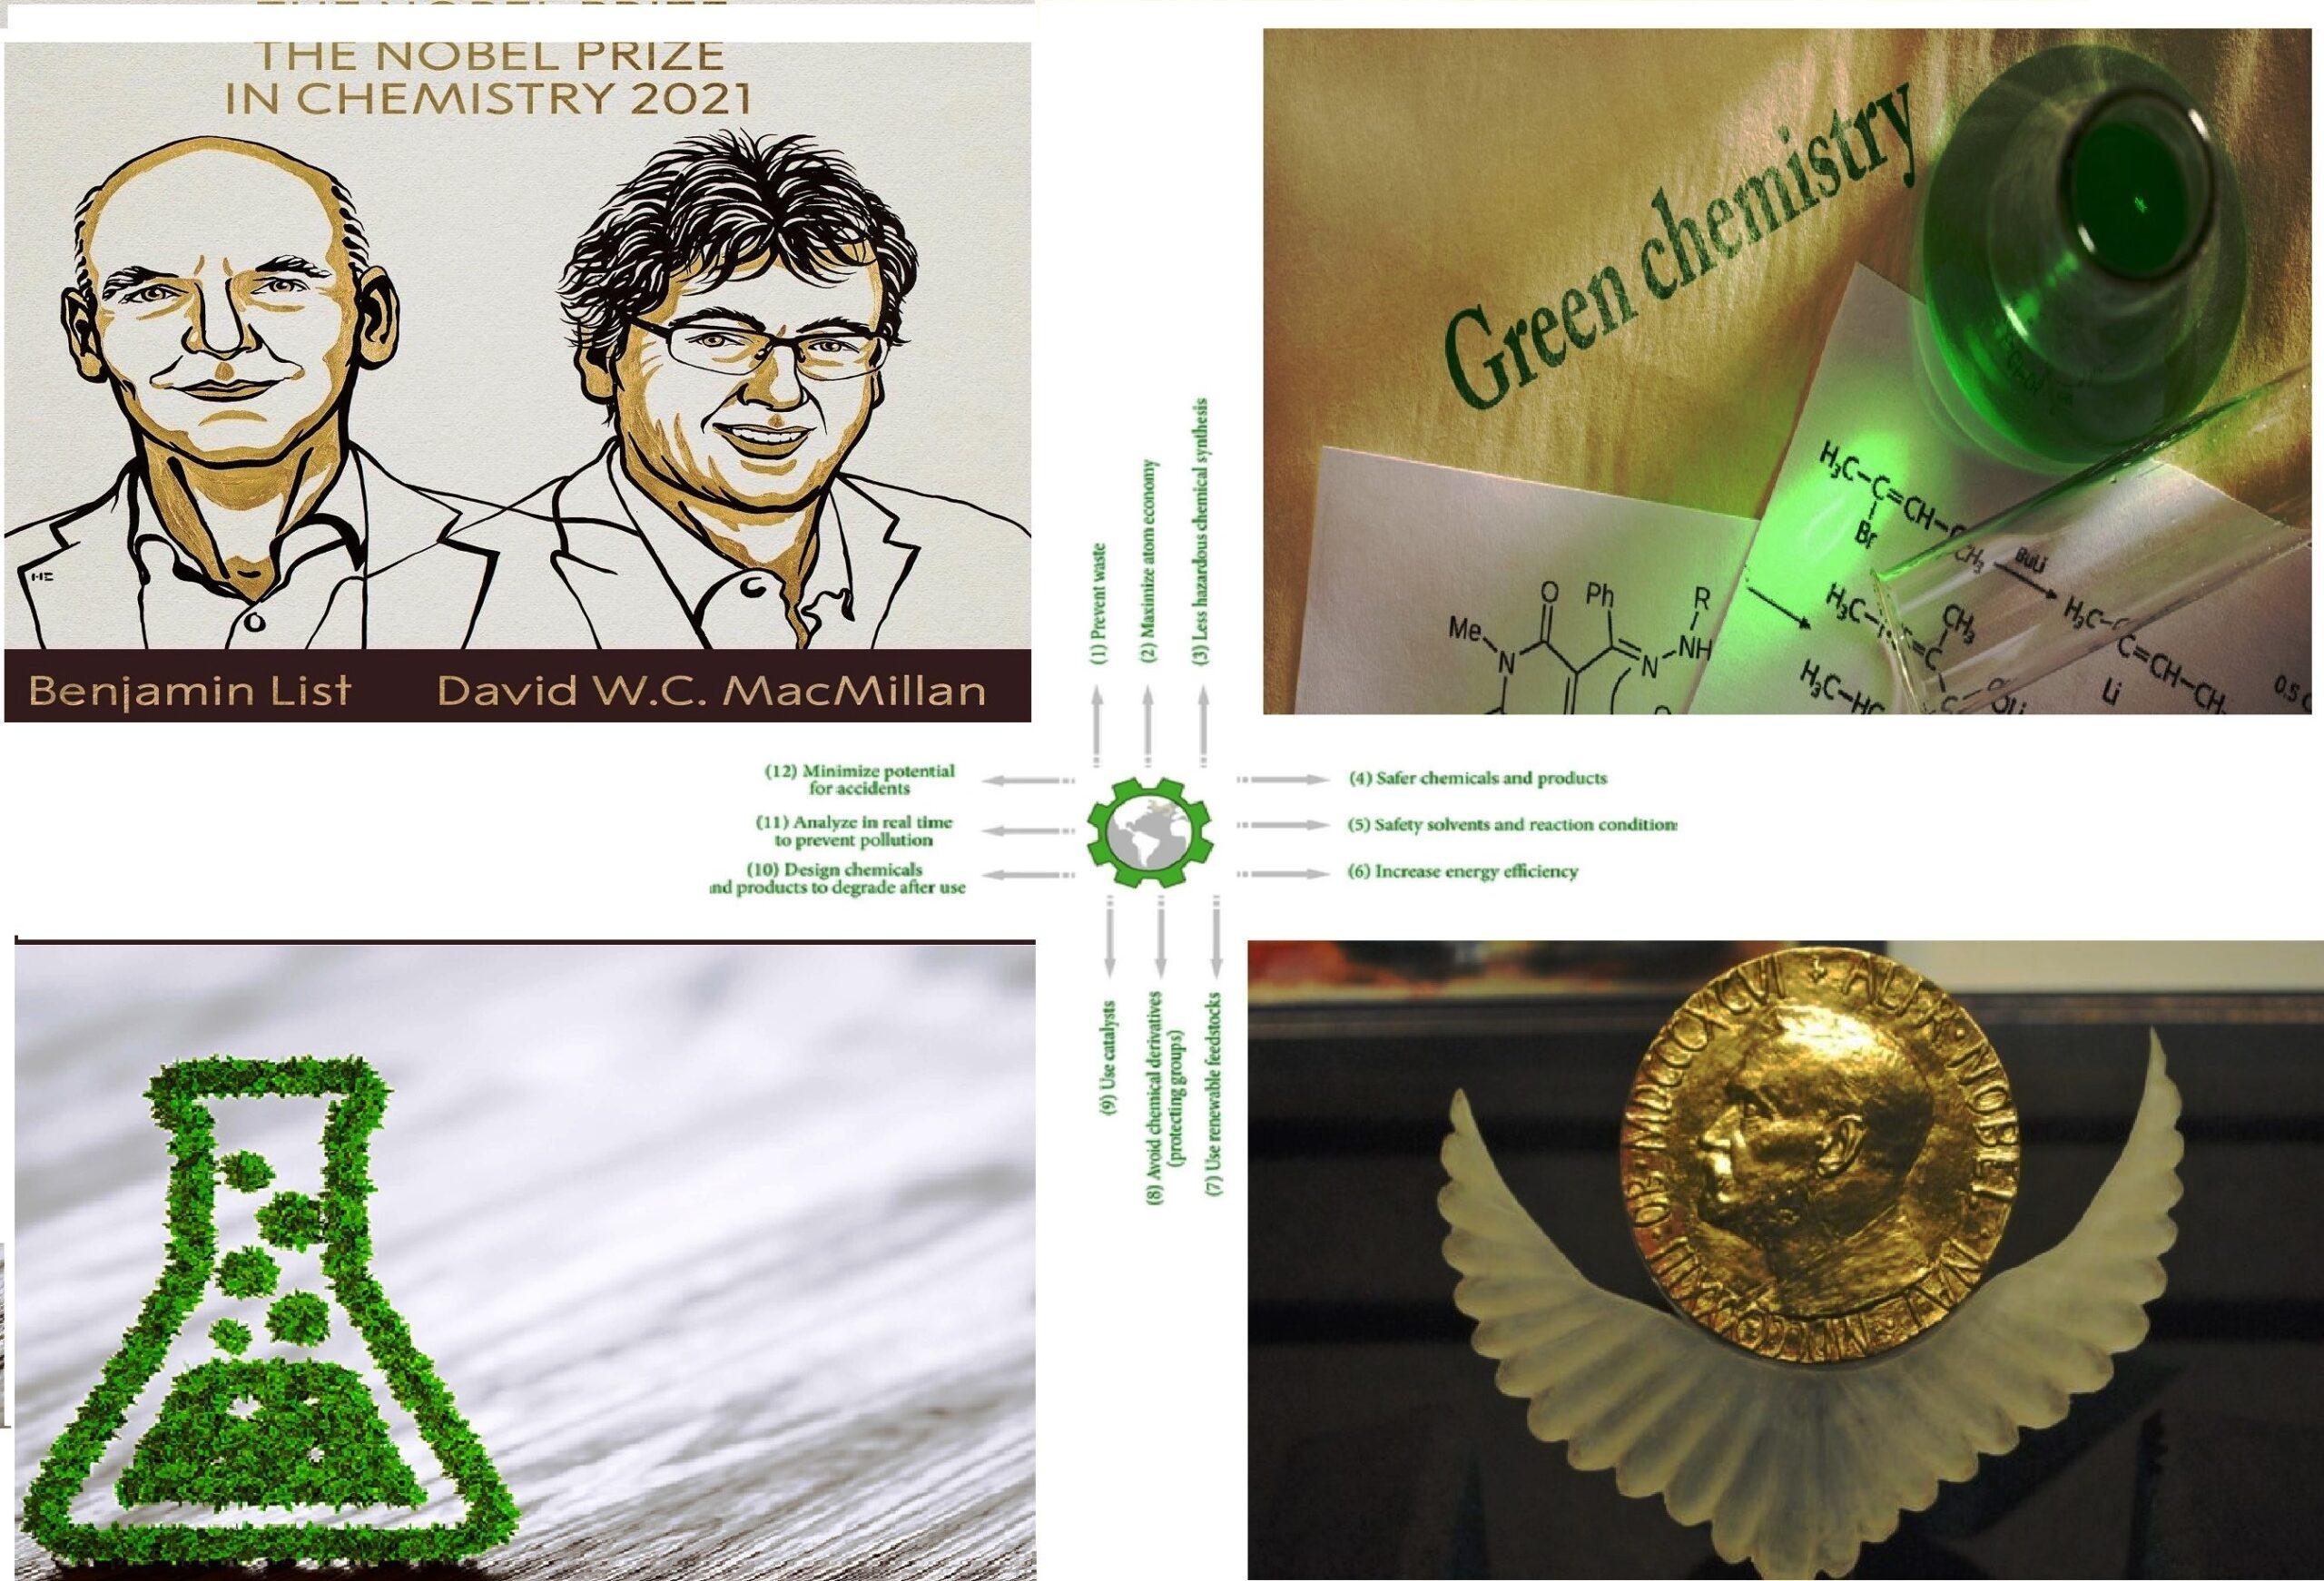 David MacMillan and Benjamin List win Chemistry Nobel